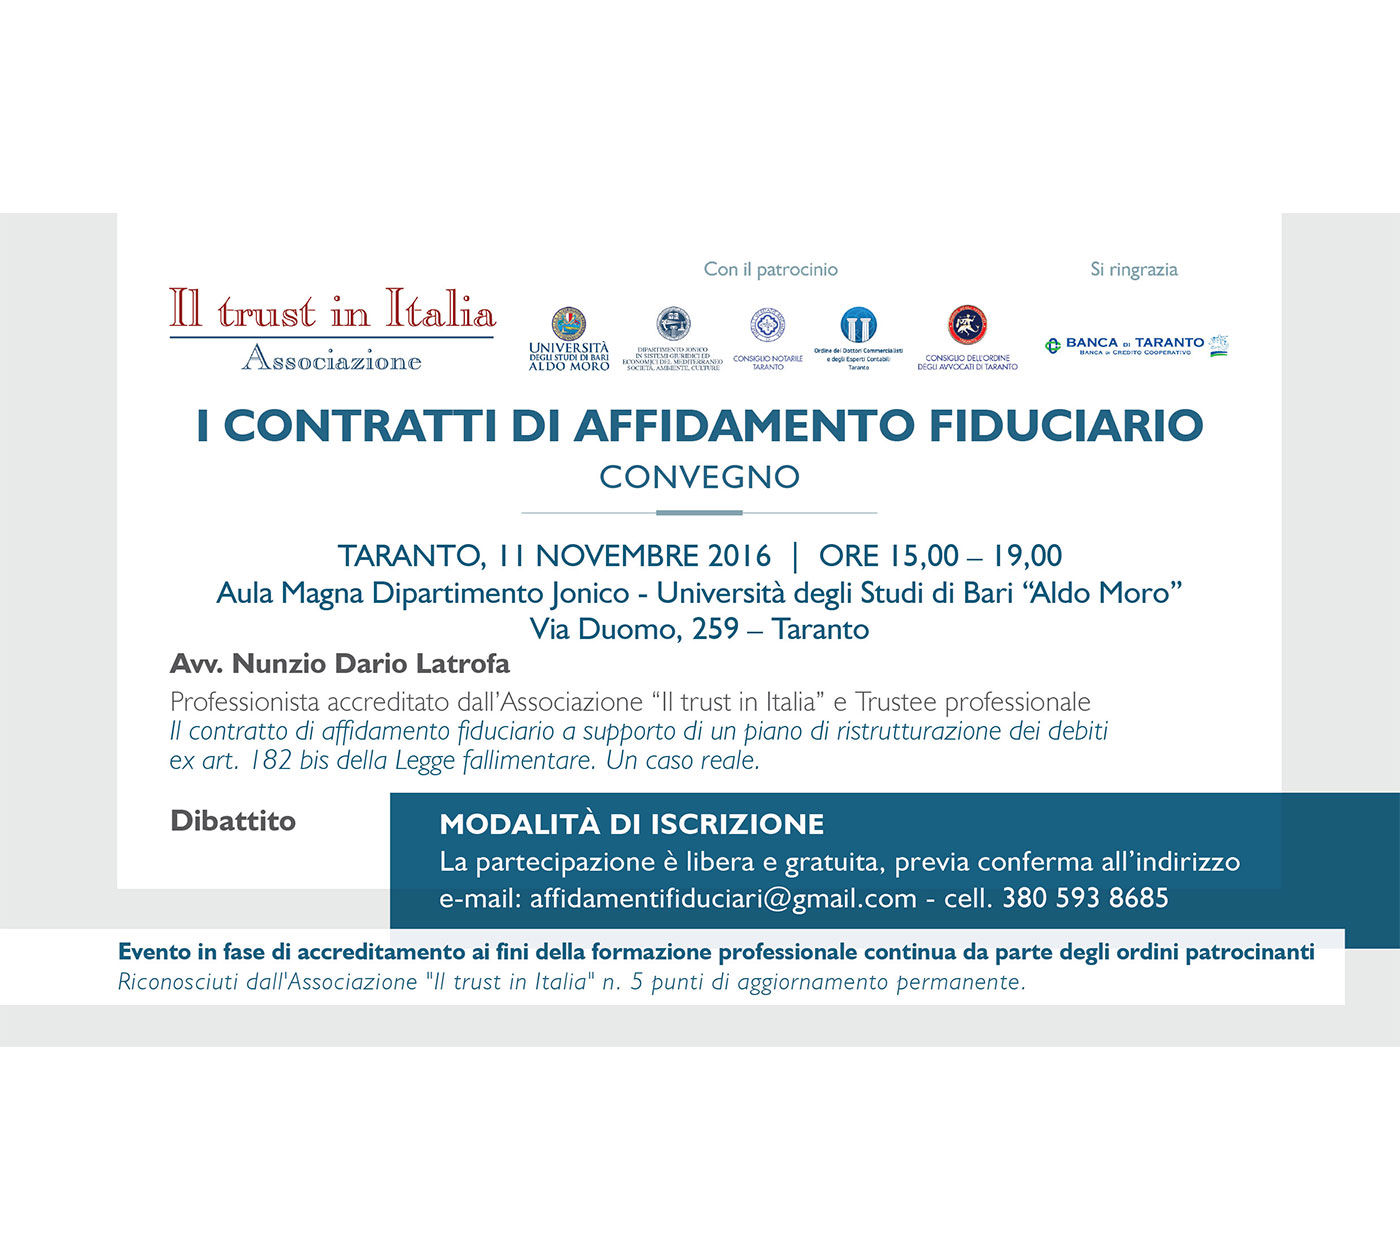 03-I-Contratti-di-affidamento-fiduciario-Taranto-11-novembre-2016